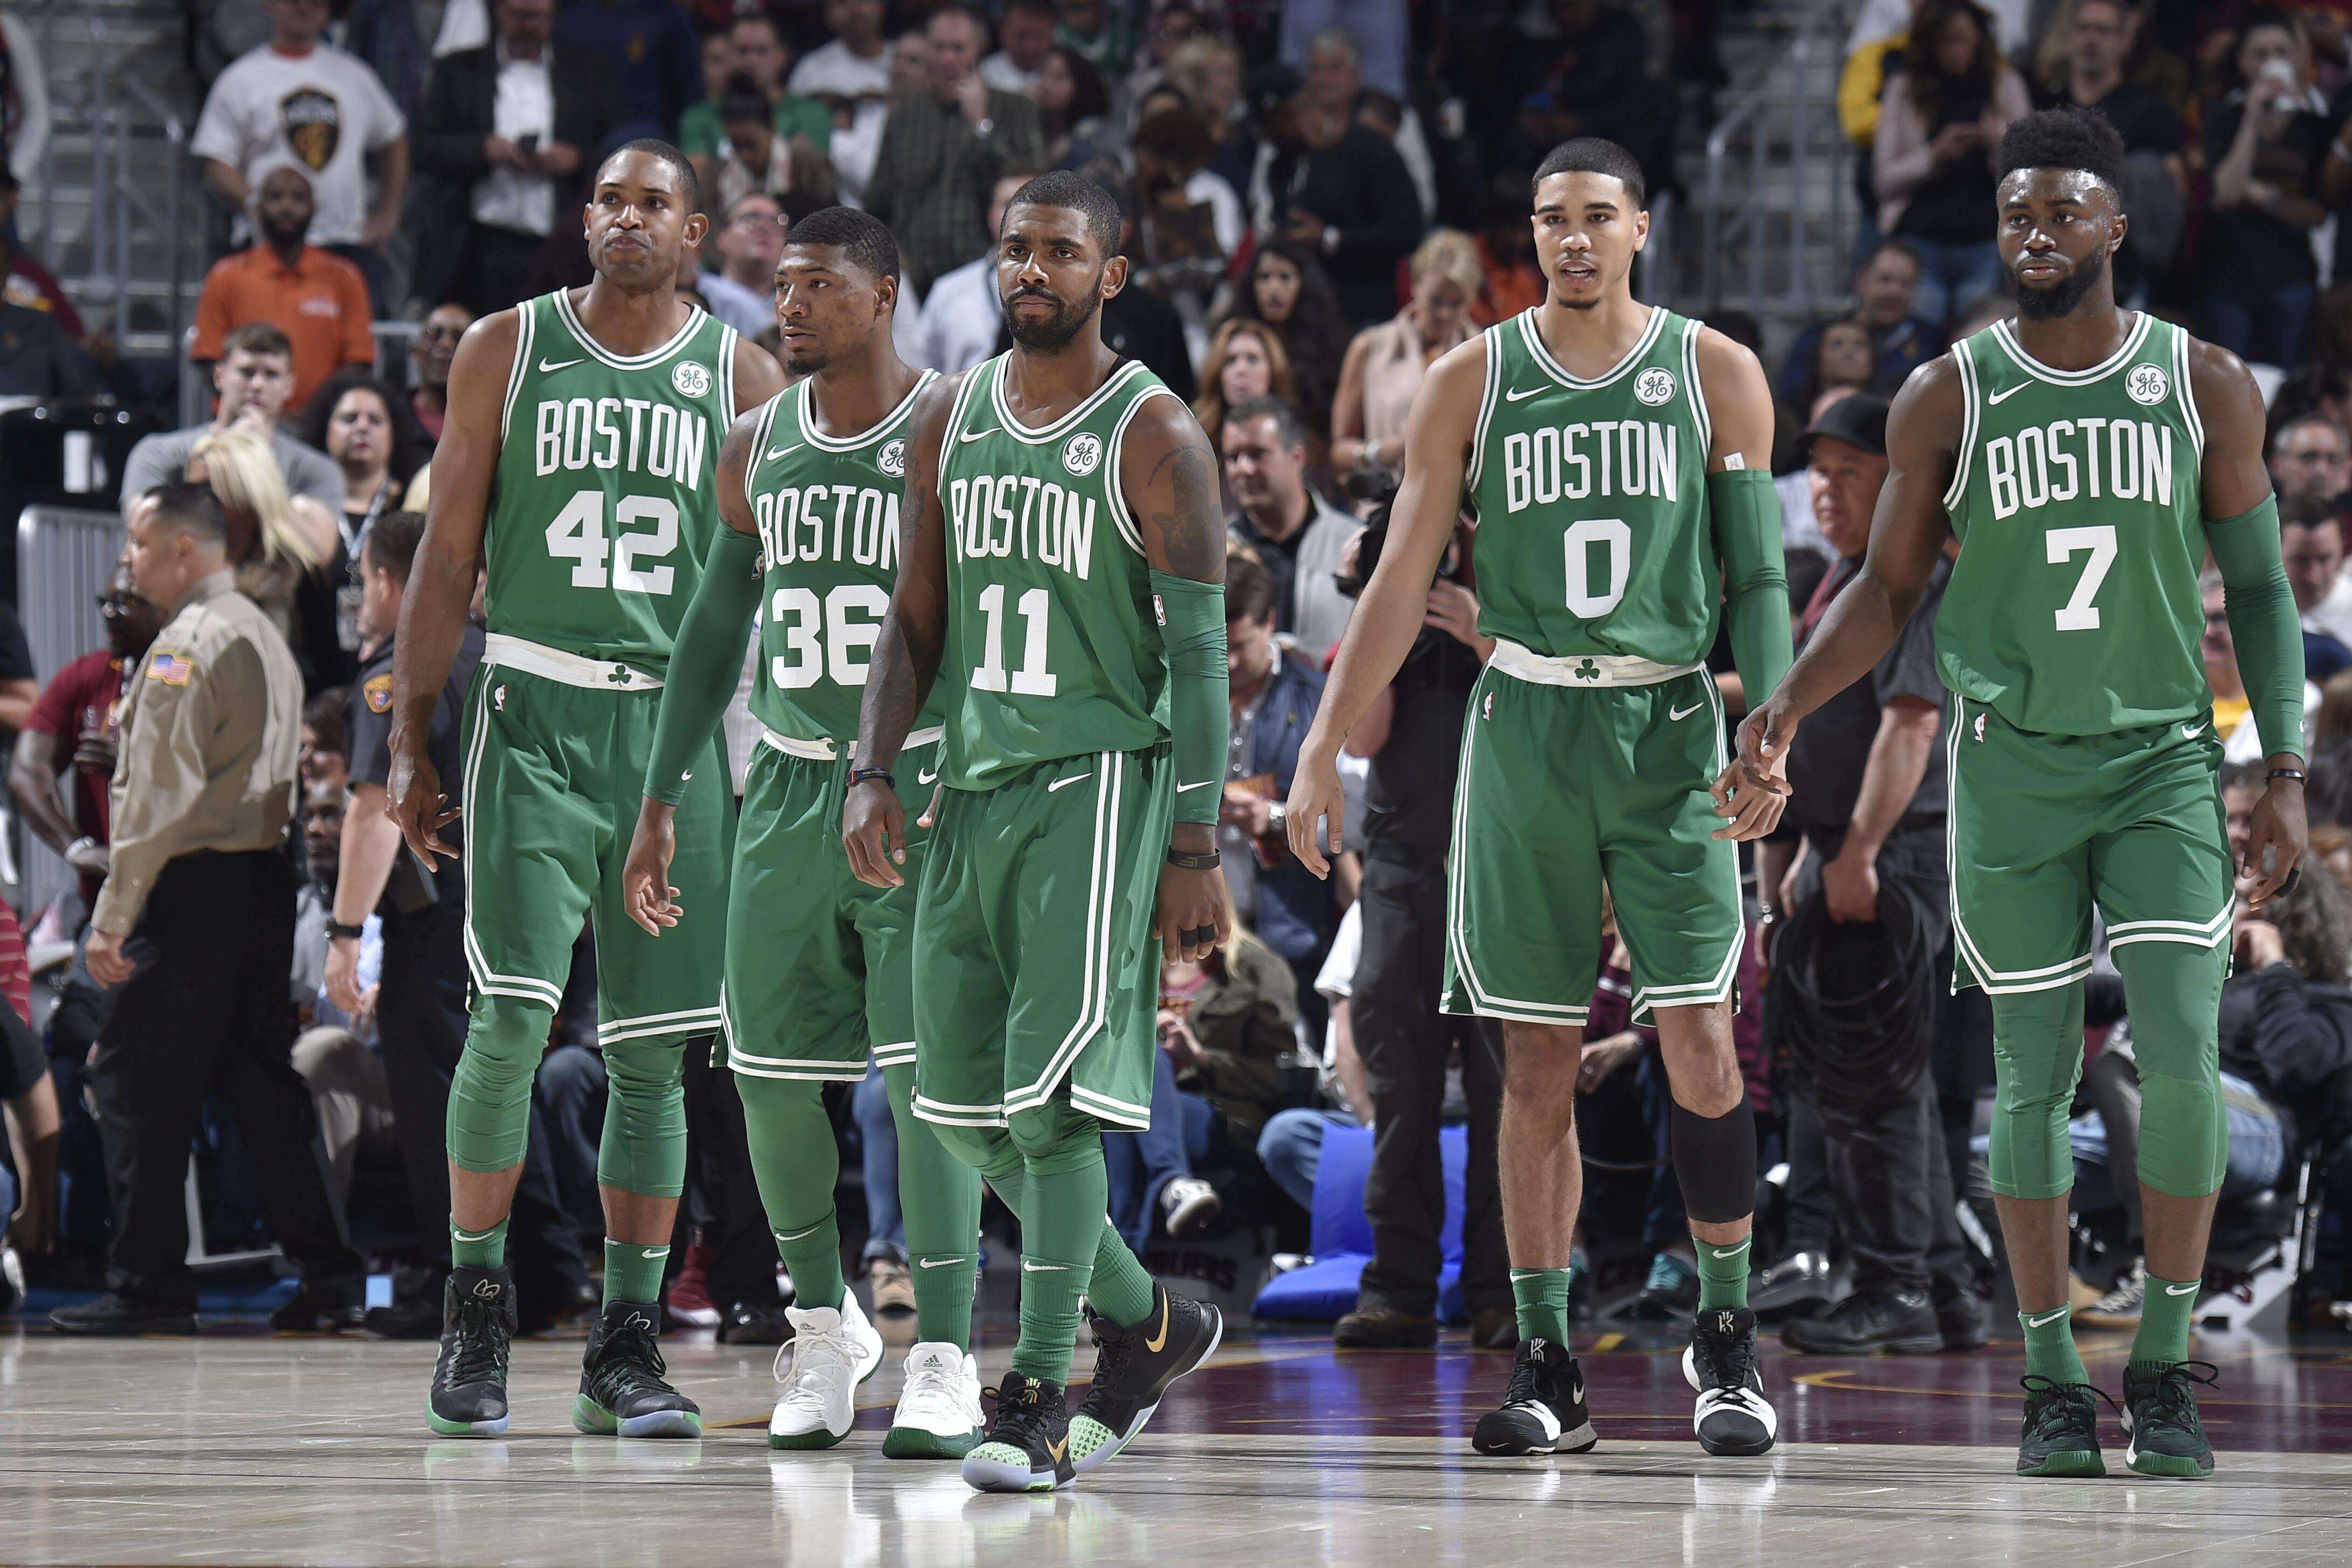 super popular 6fadb 99bc3 Boston Celtics: Hardwood Houdini Flash Briefing skill for ...